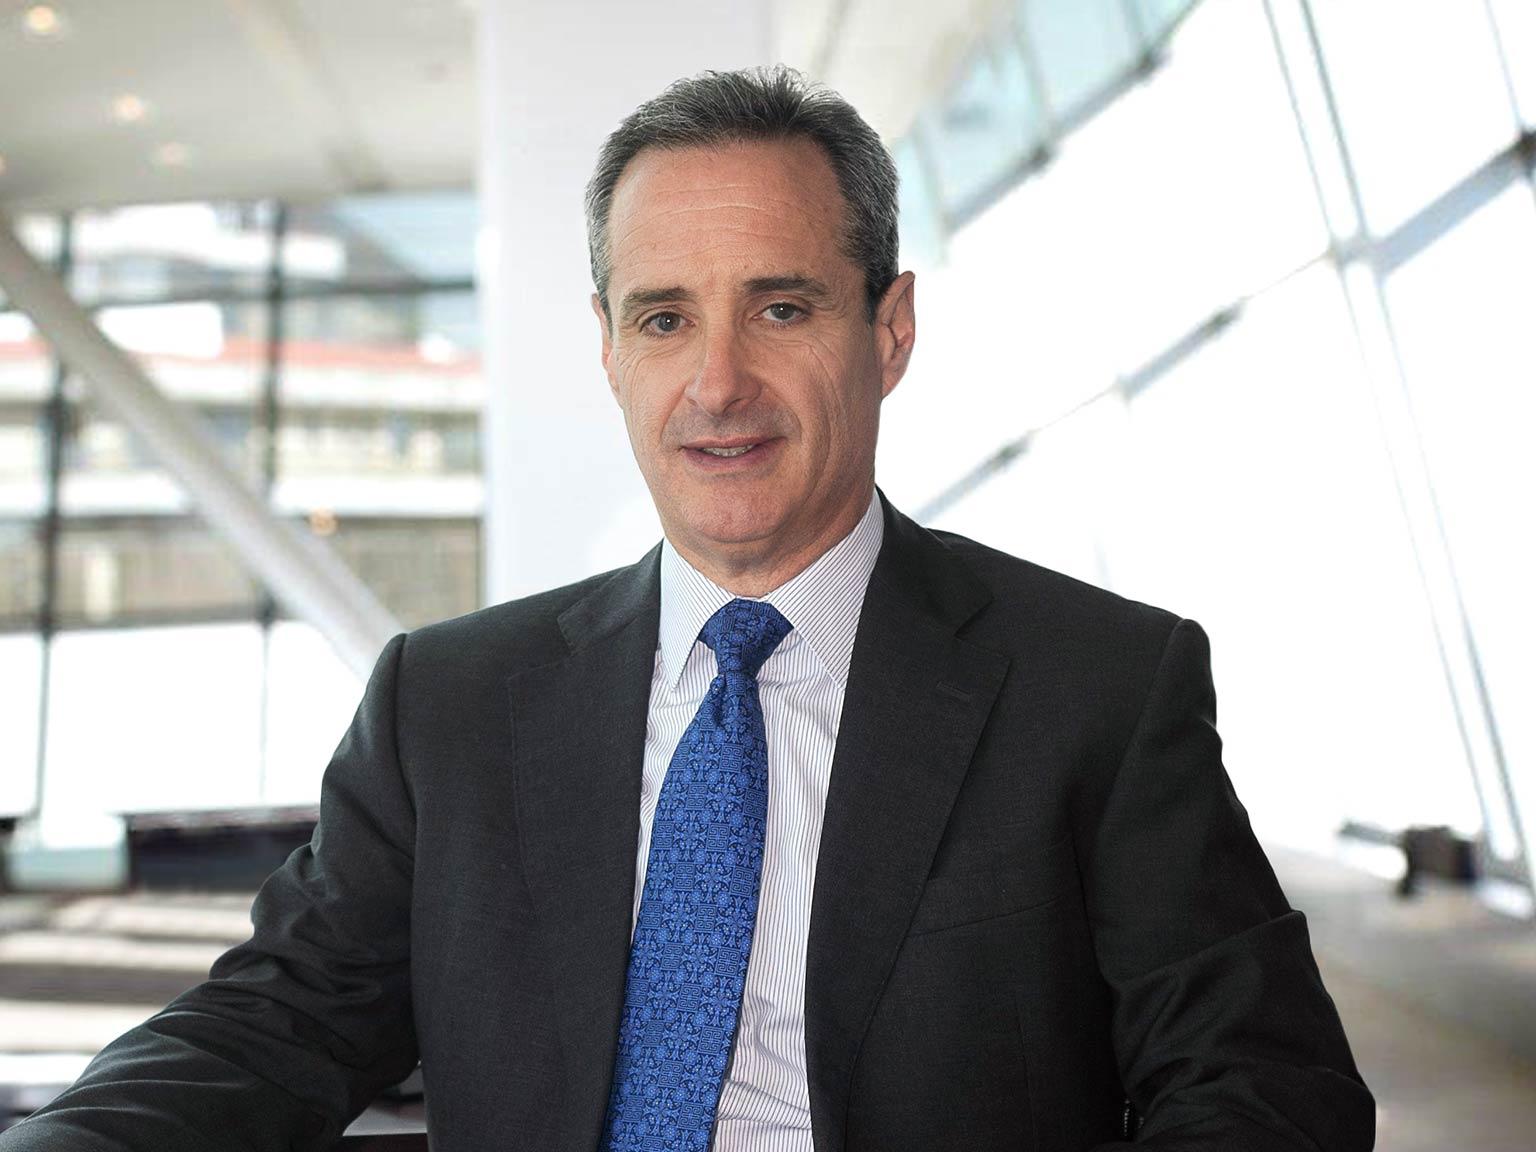 Pablo Ordorica